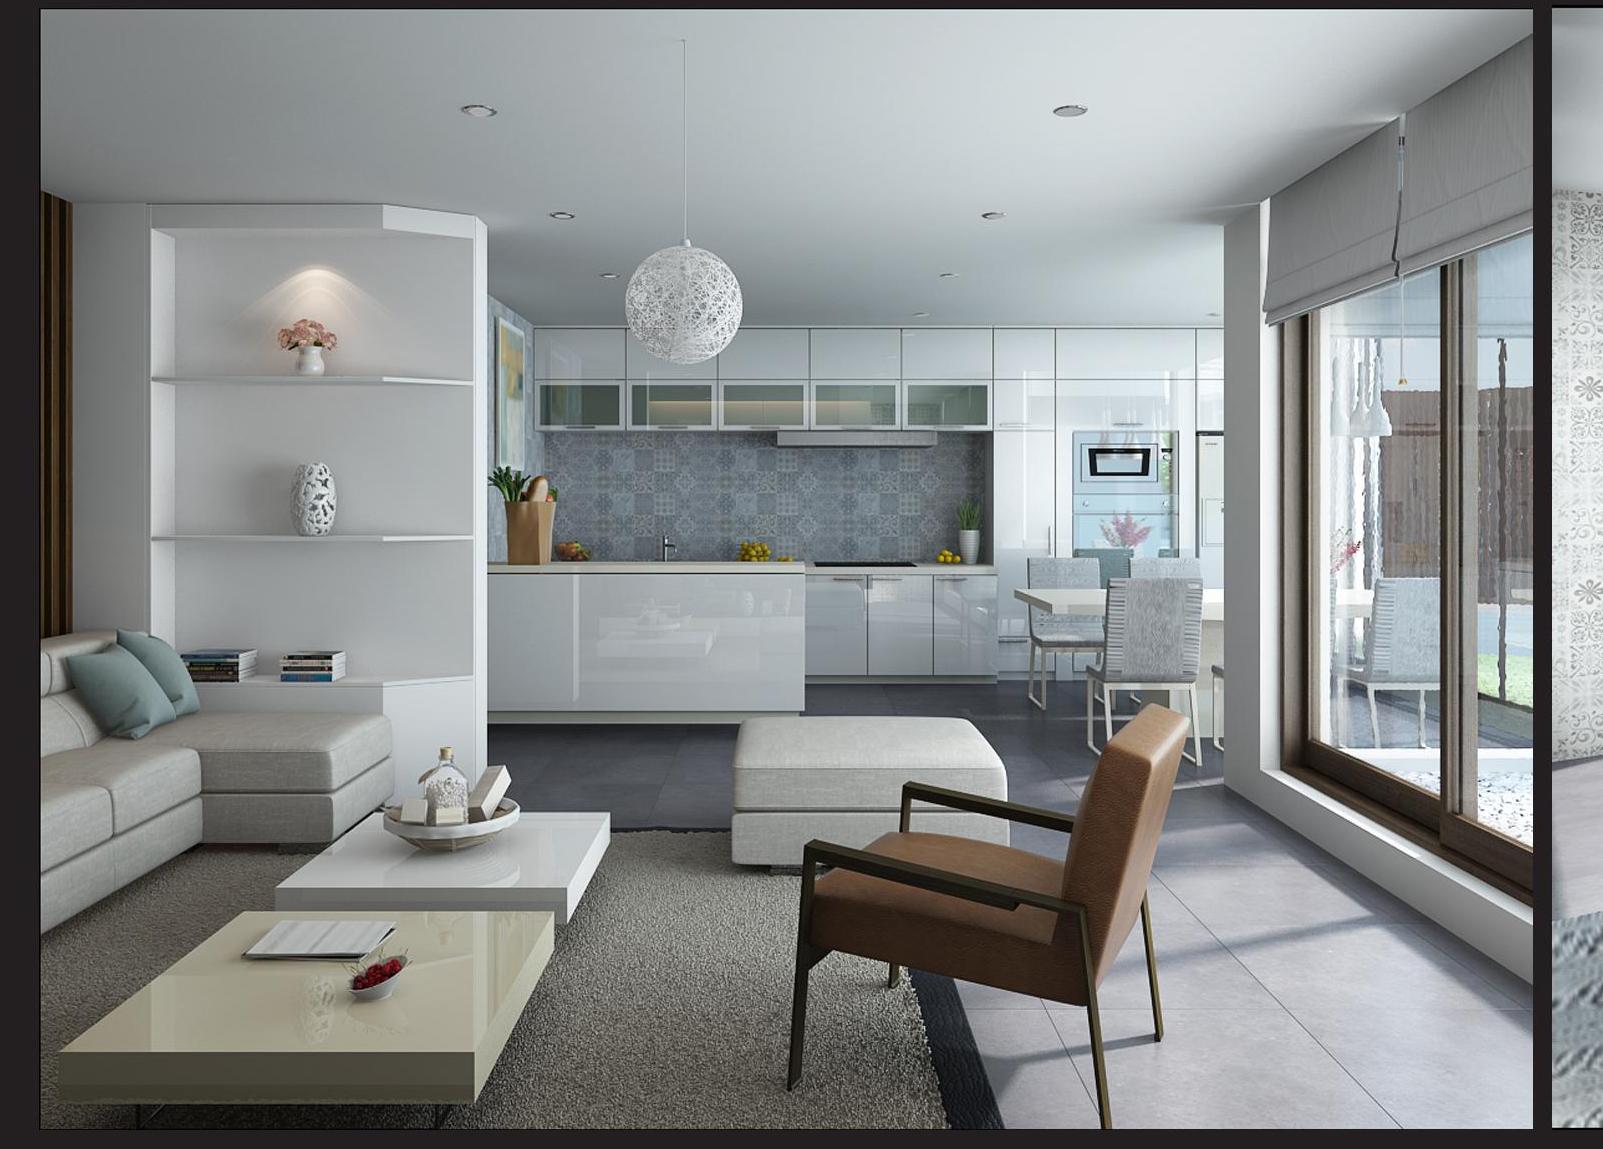 thiết kế nội thất chung cư tại Hồ Chí Minh CĂN HỘ TẠI GEMEK 1 1548663829